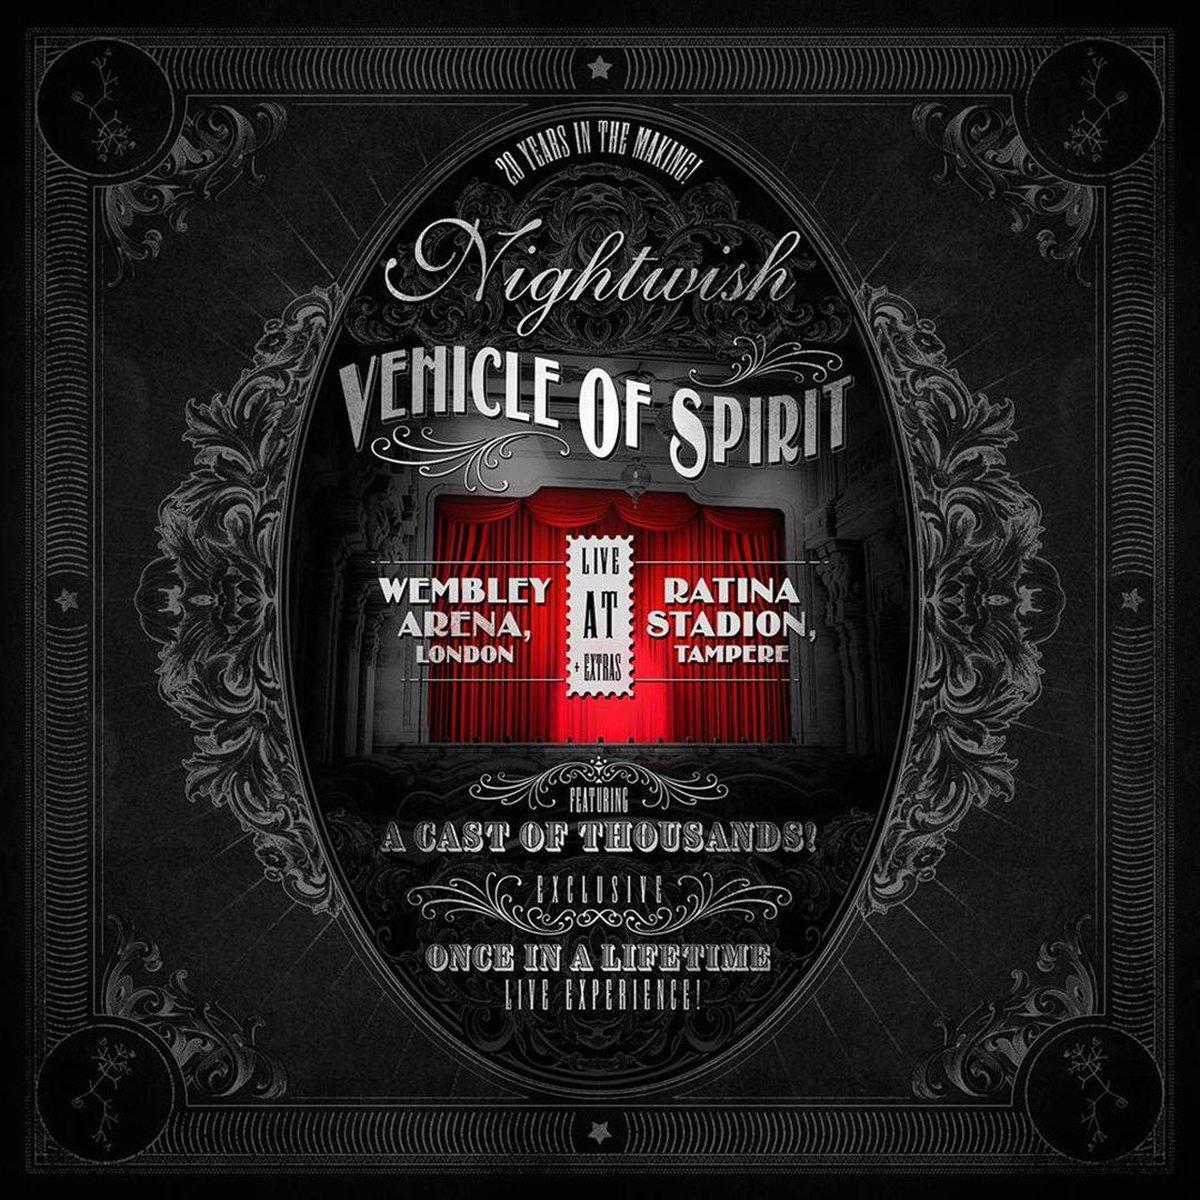 Vehicle of Spirit (DVD) - Nightwish